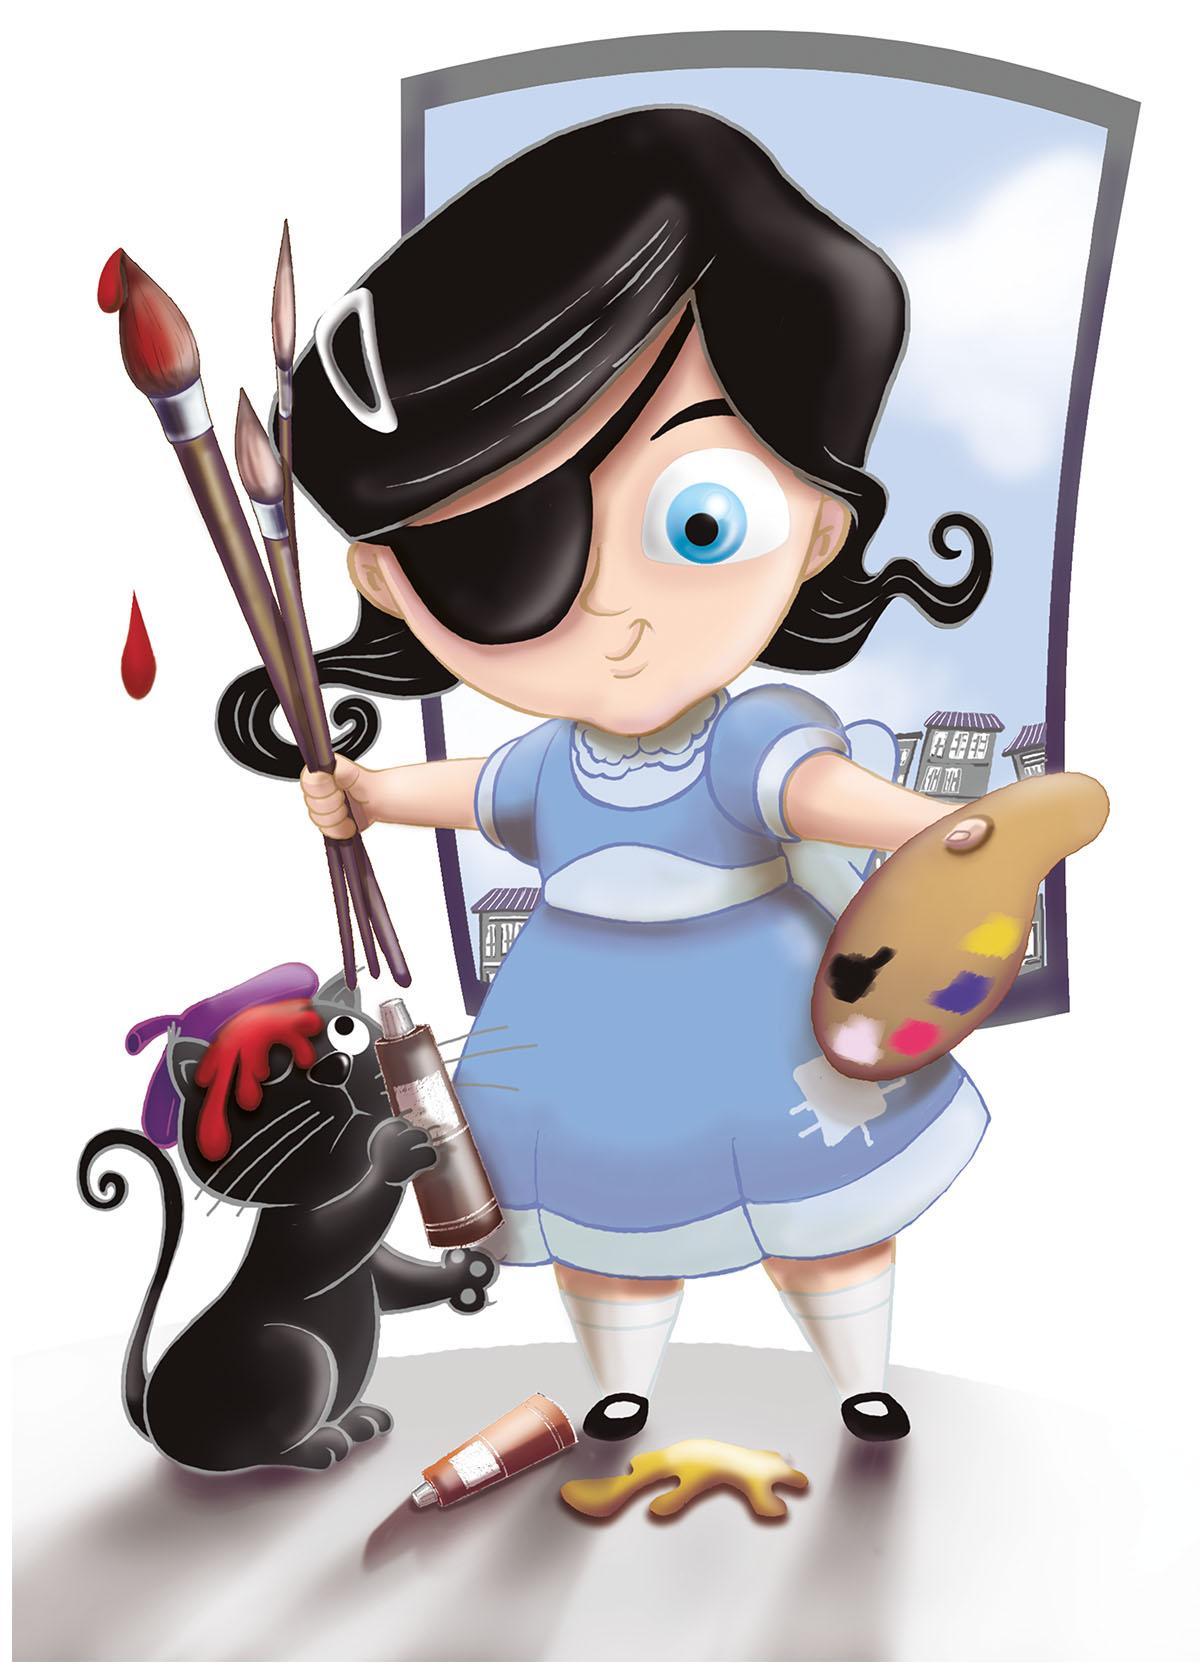 Ilustración de Carmesina y gato negro por quiel ramos, pinceles, colores, gato negro, niña del parche con vestido azul quiere pintar con muchos colores